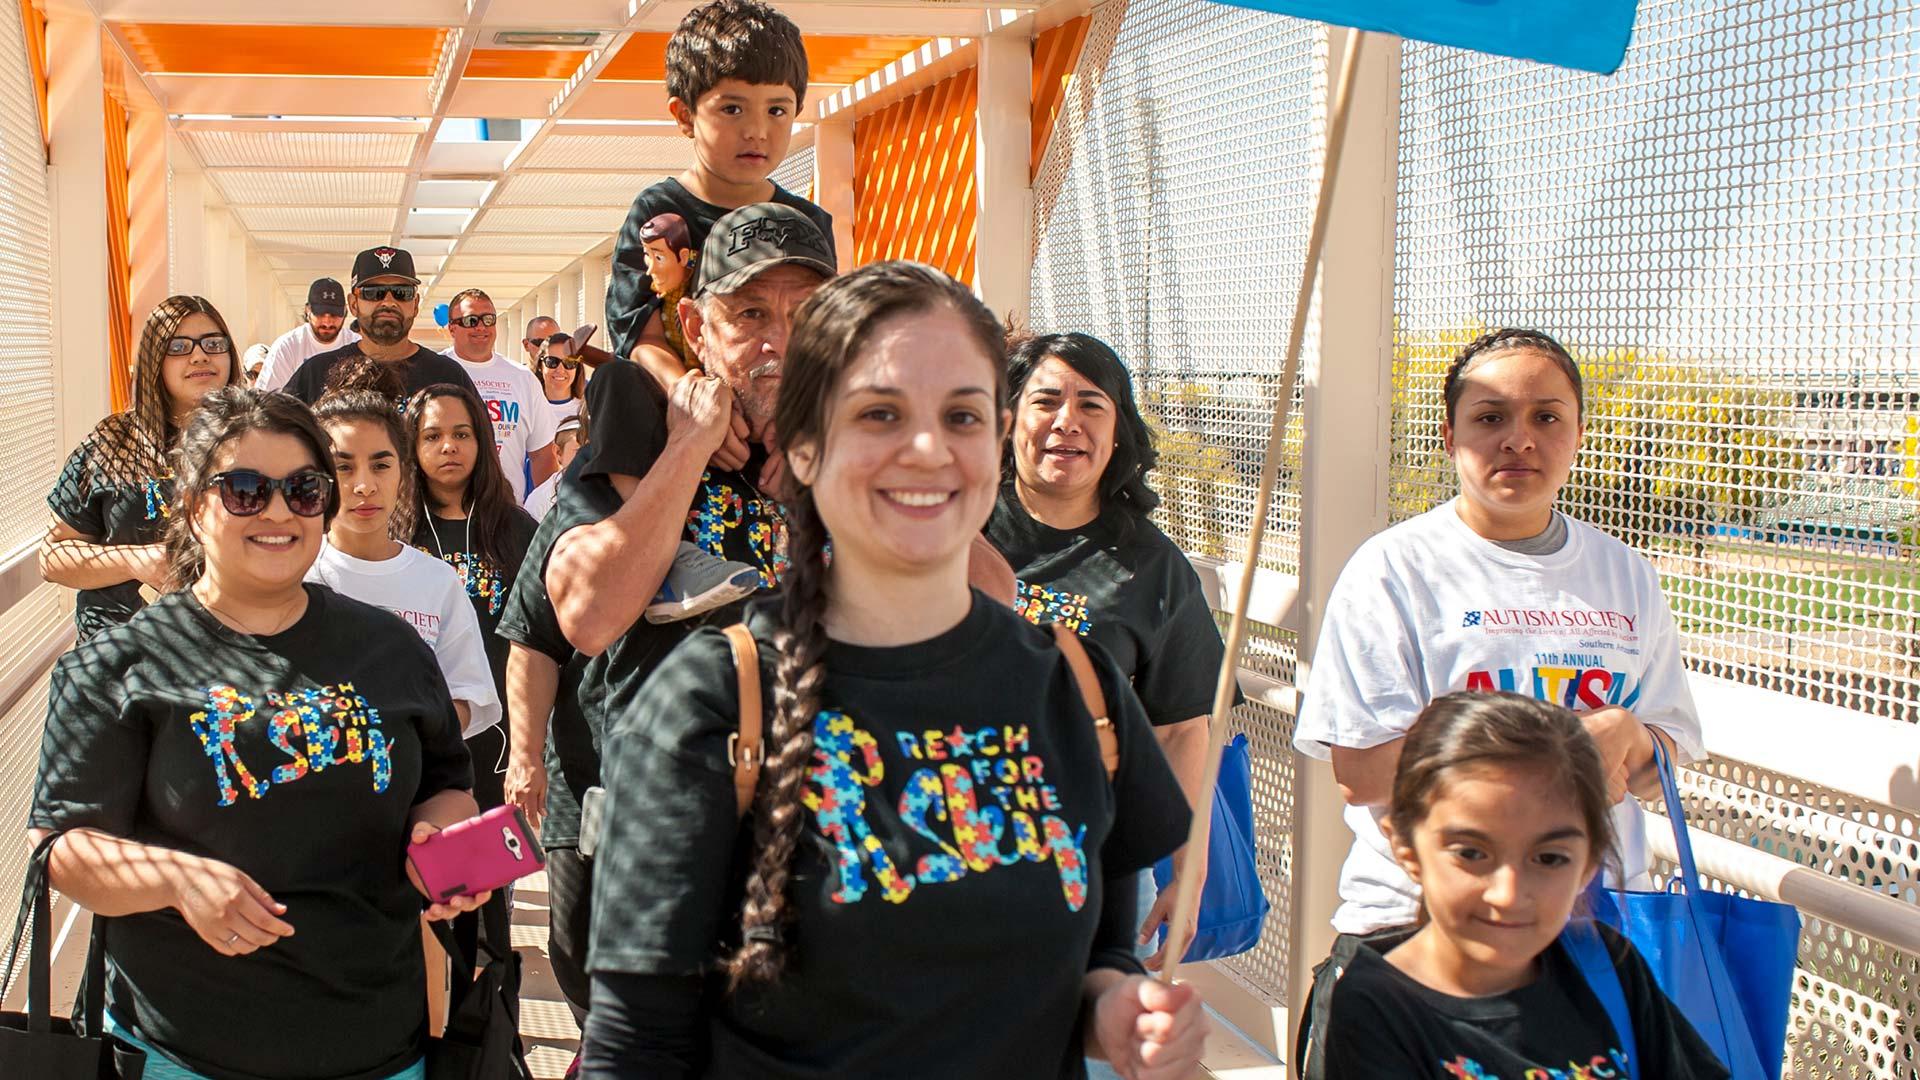 autism walk group spotlight